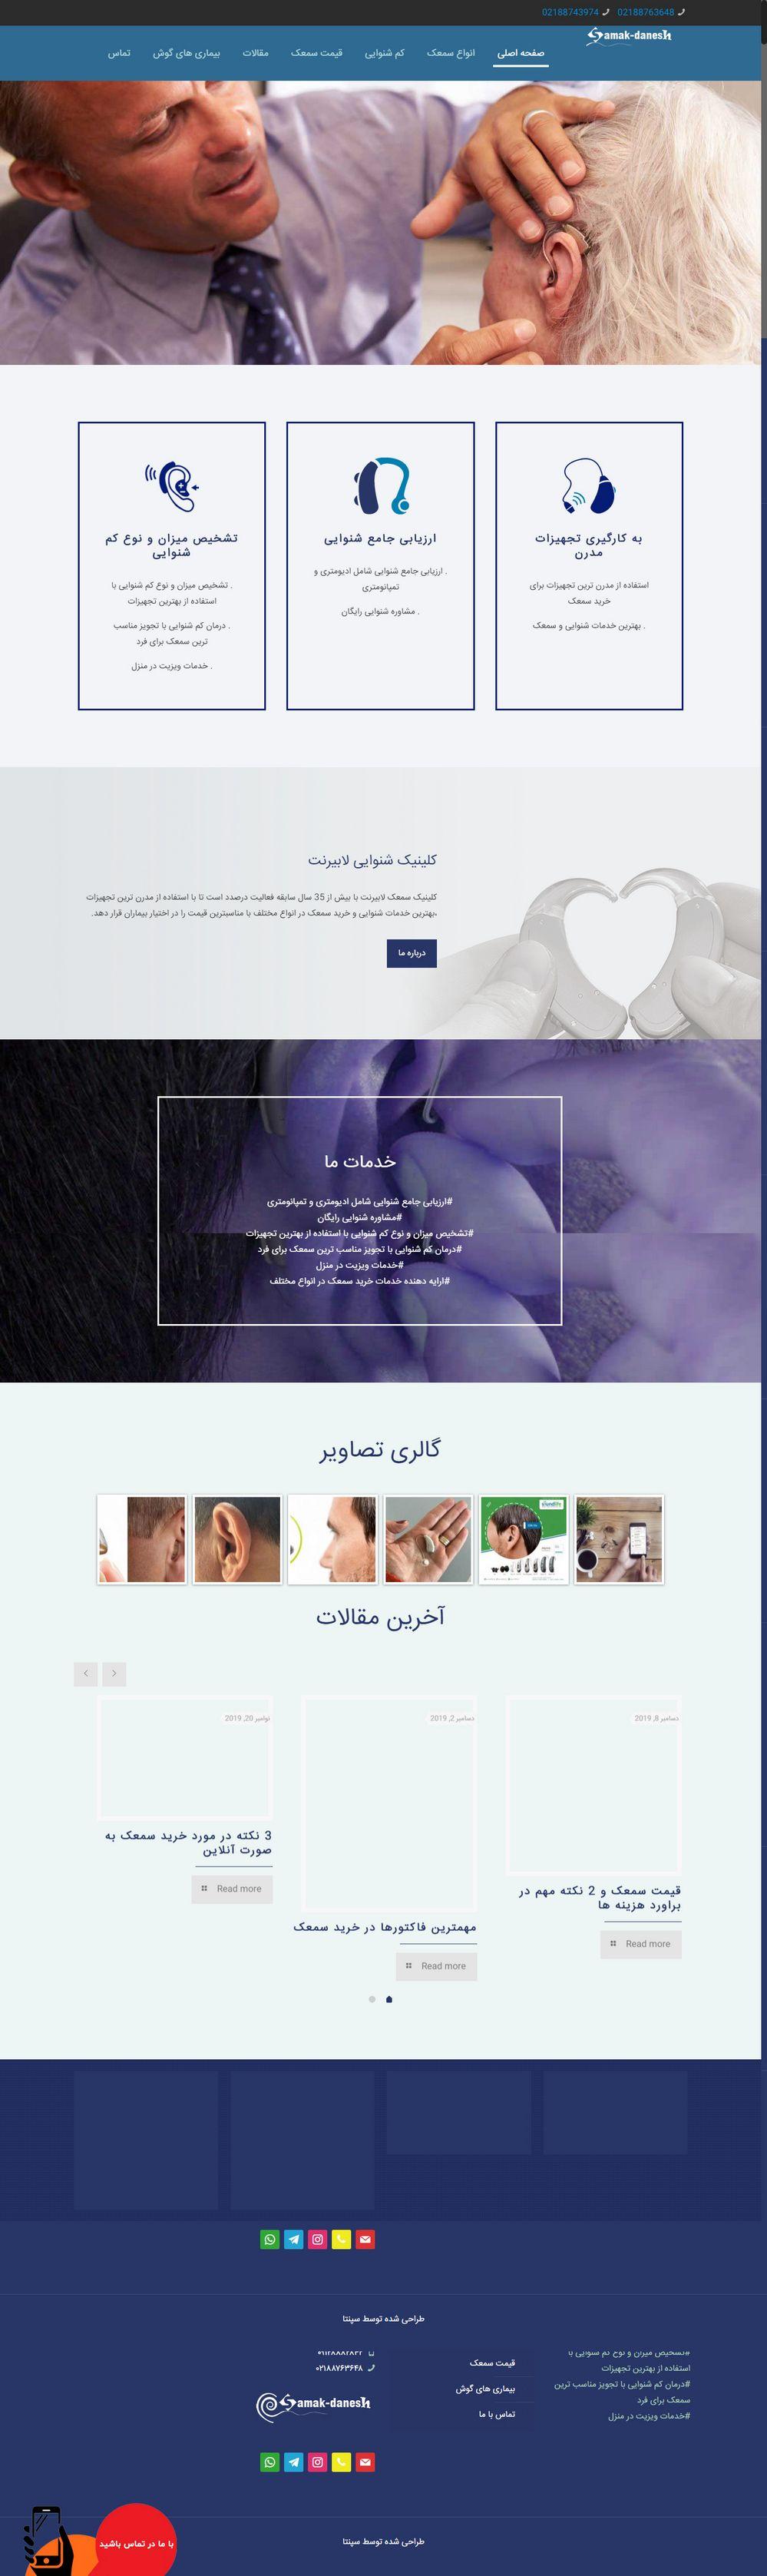 طراحی سایت پزشکی سمعک دانش